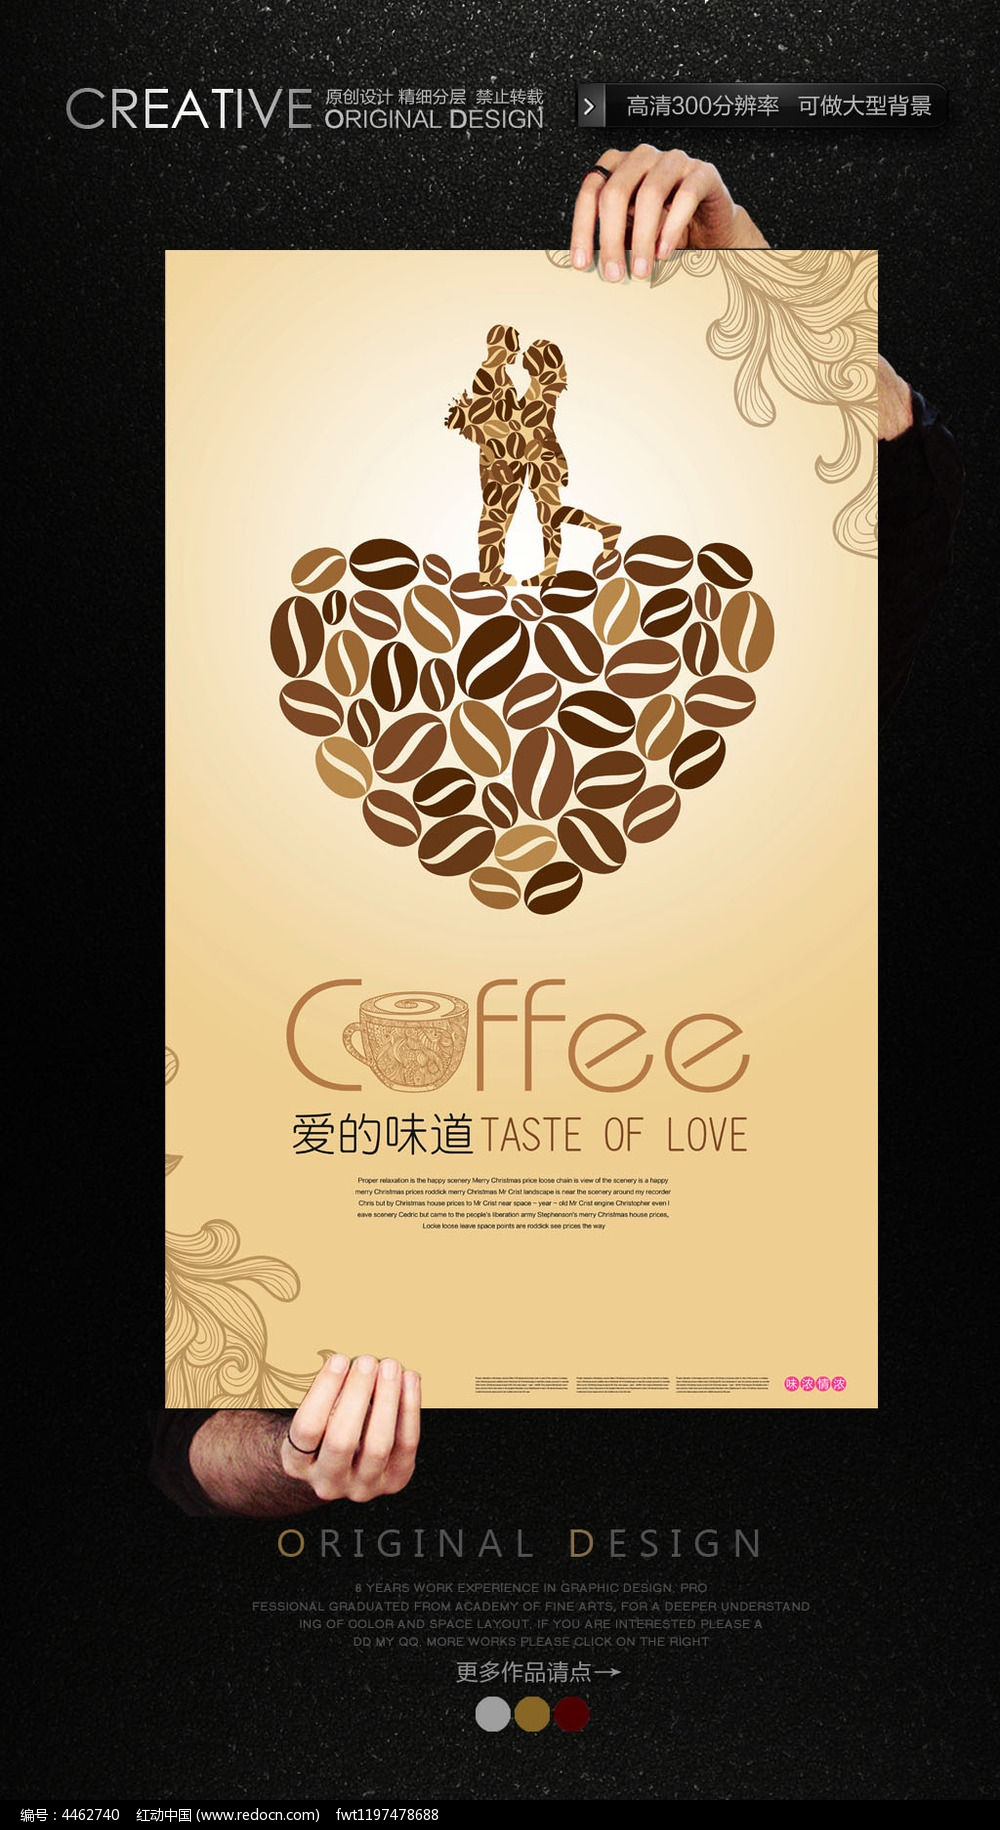 咖啡馆创意活动海报模板图片